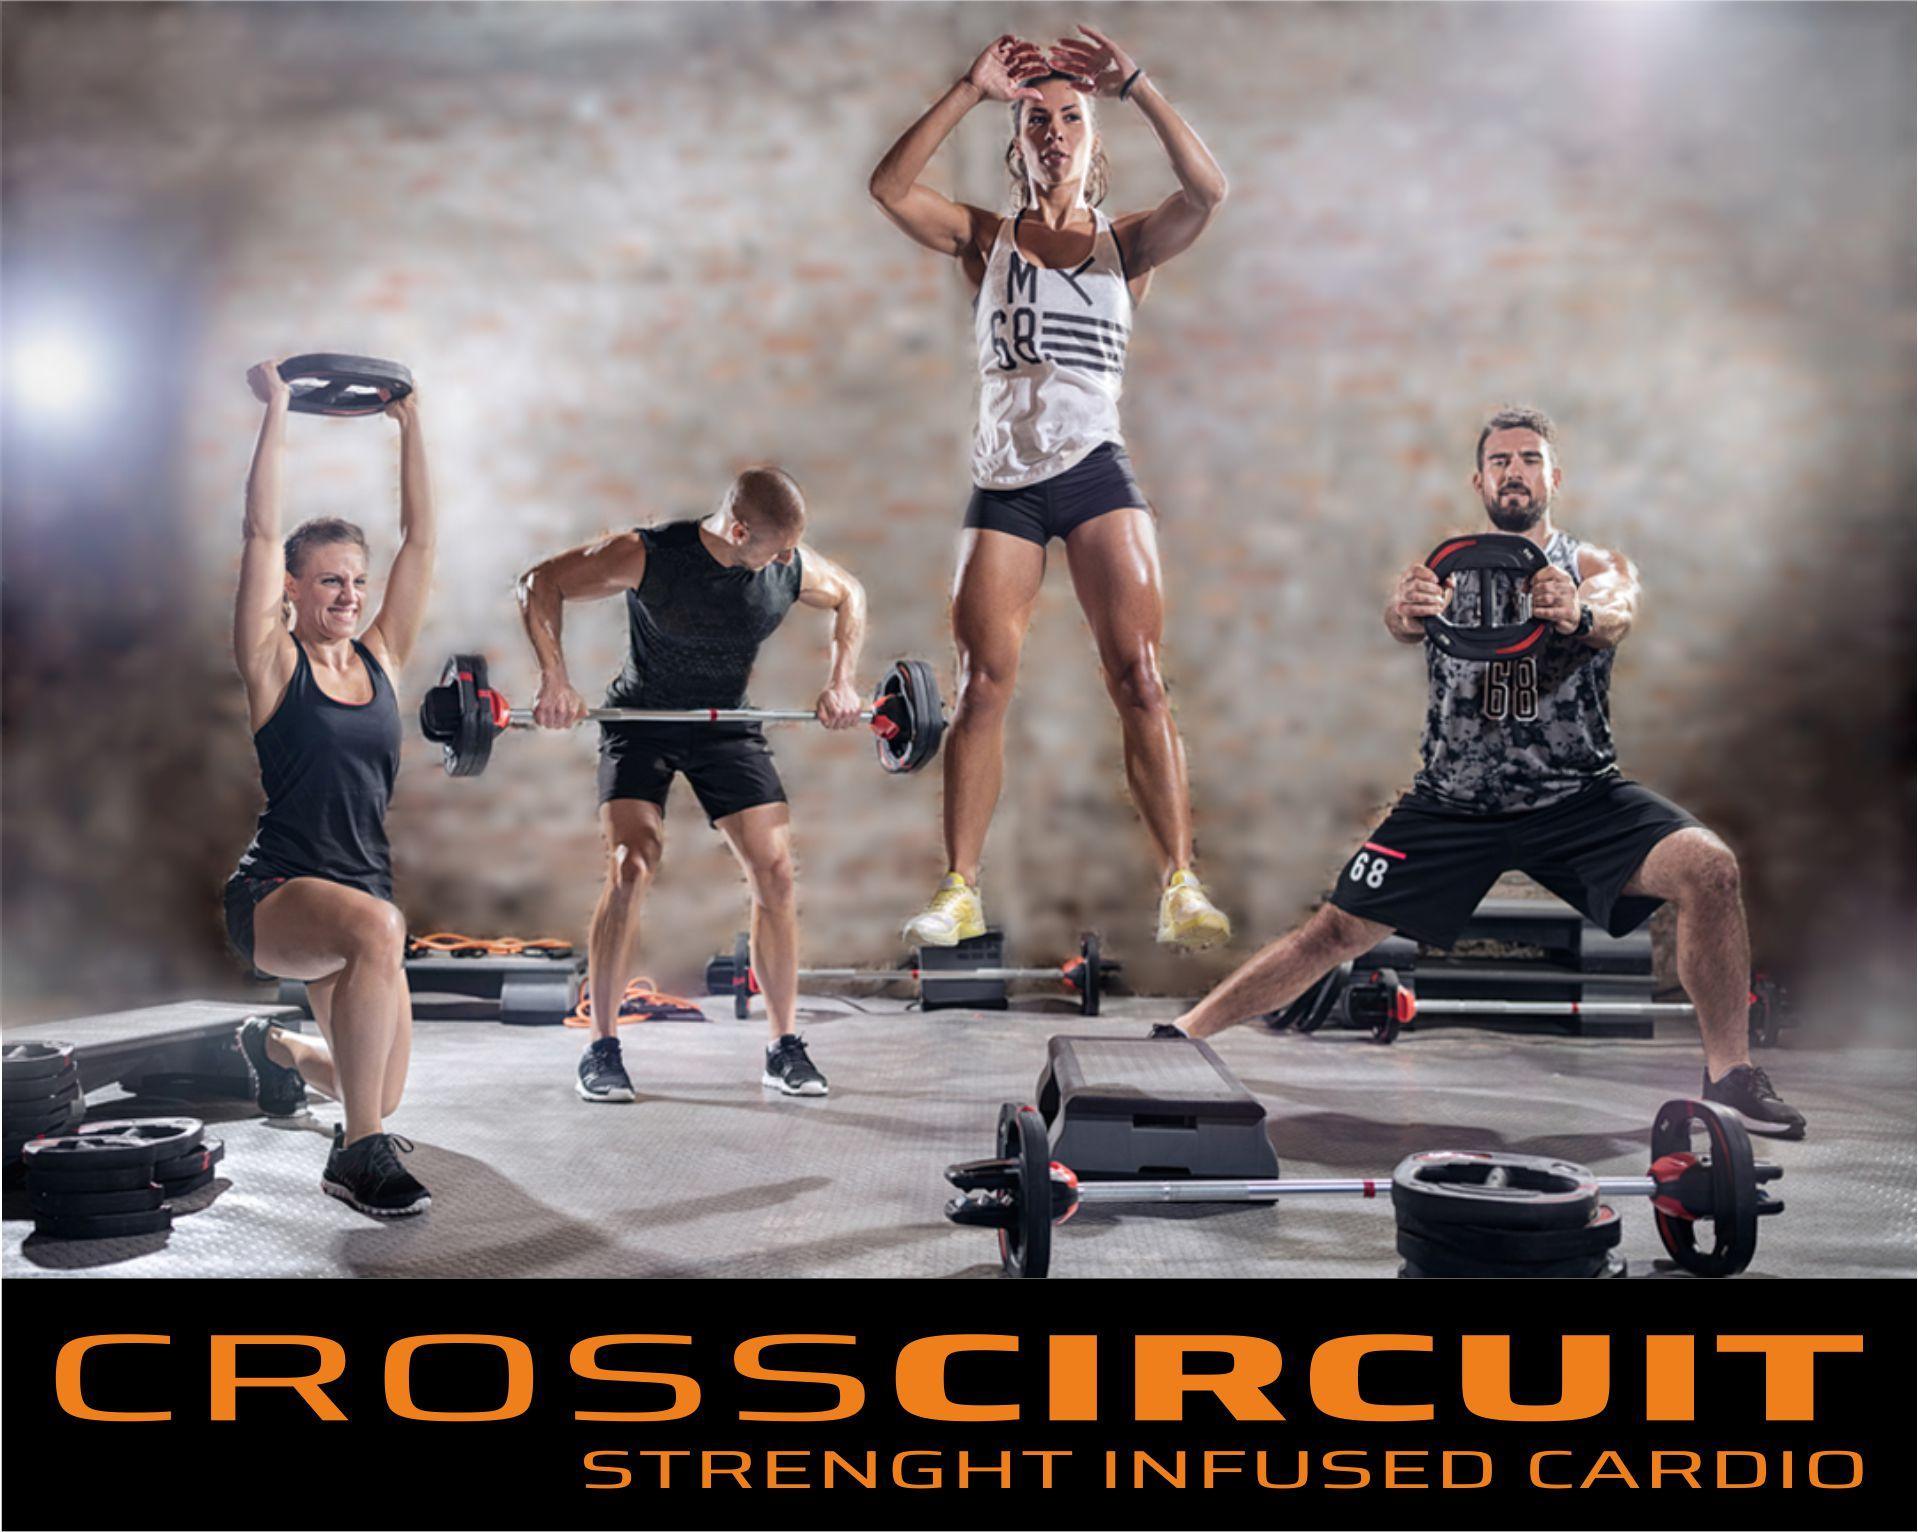 CrossCircuit